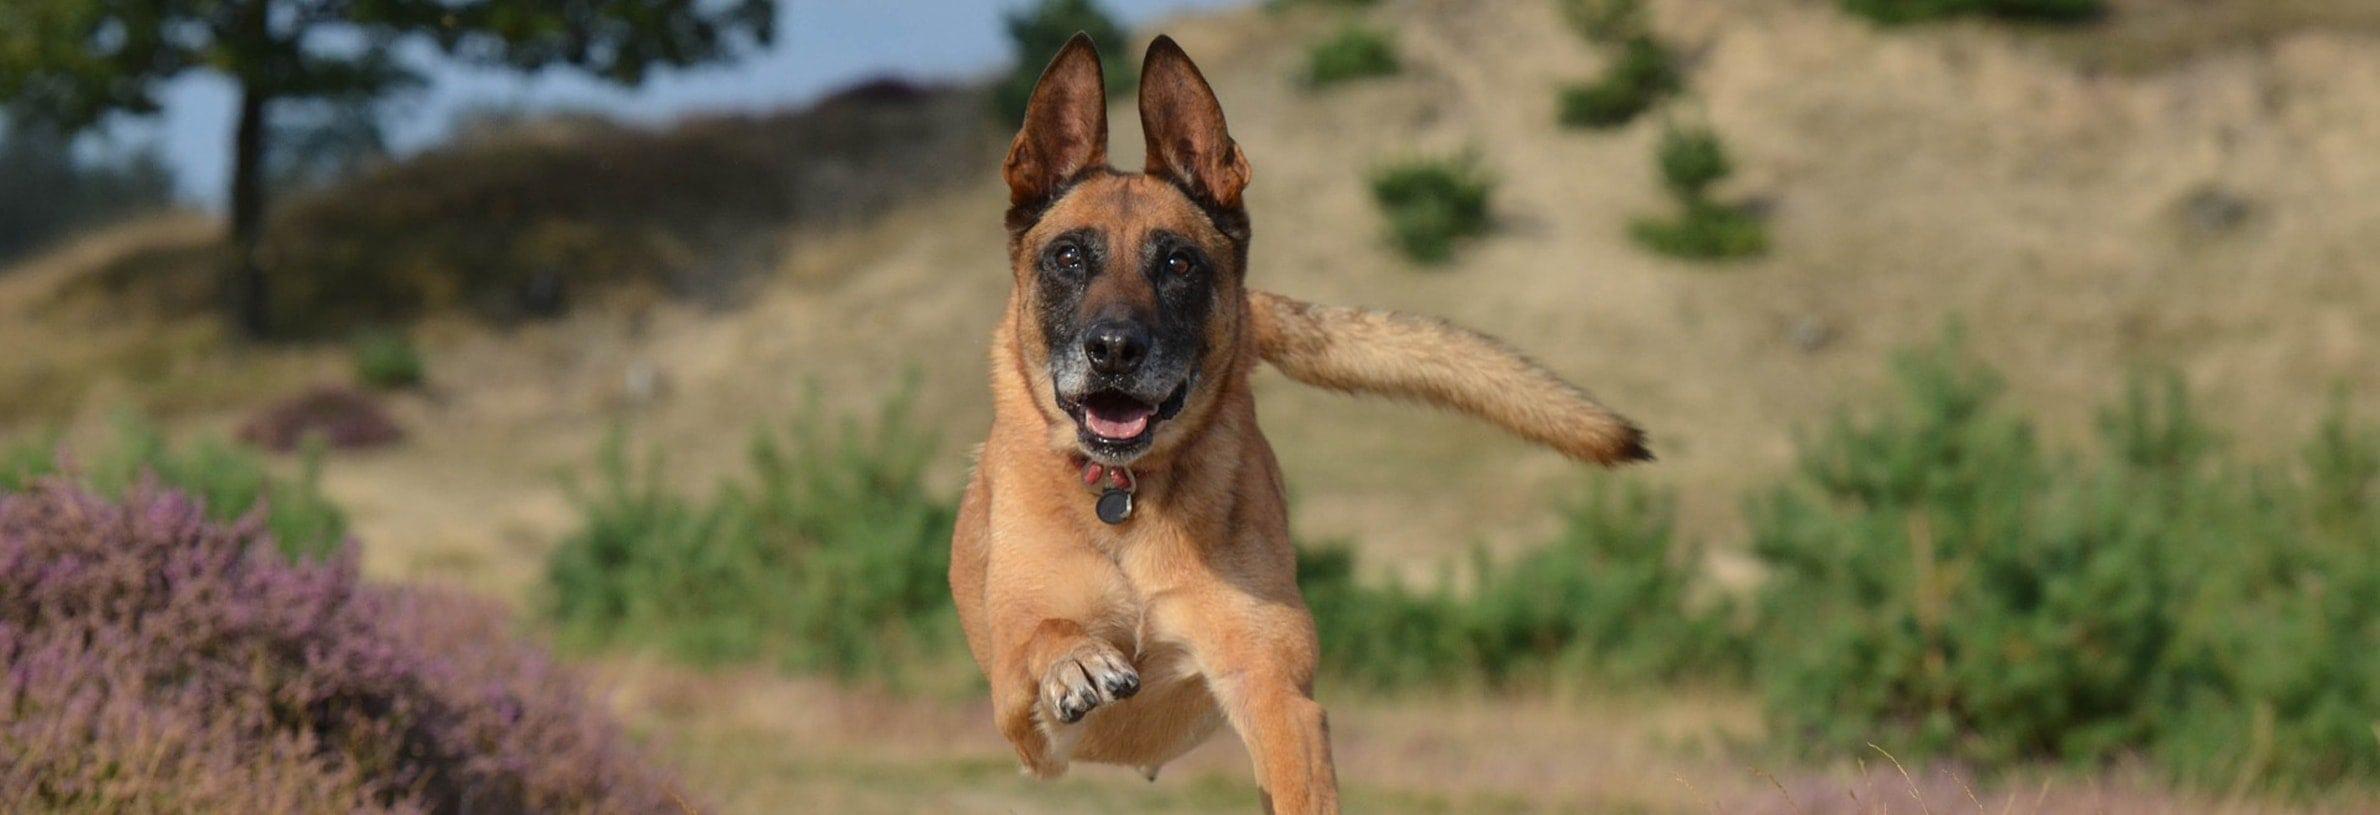 hardlopen hond